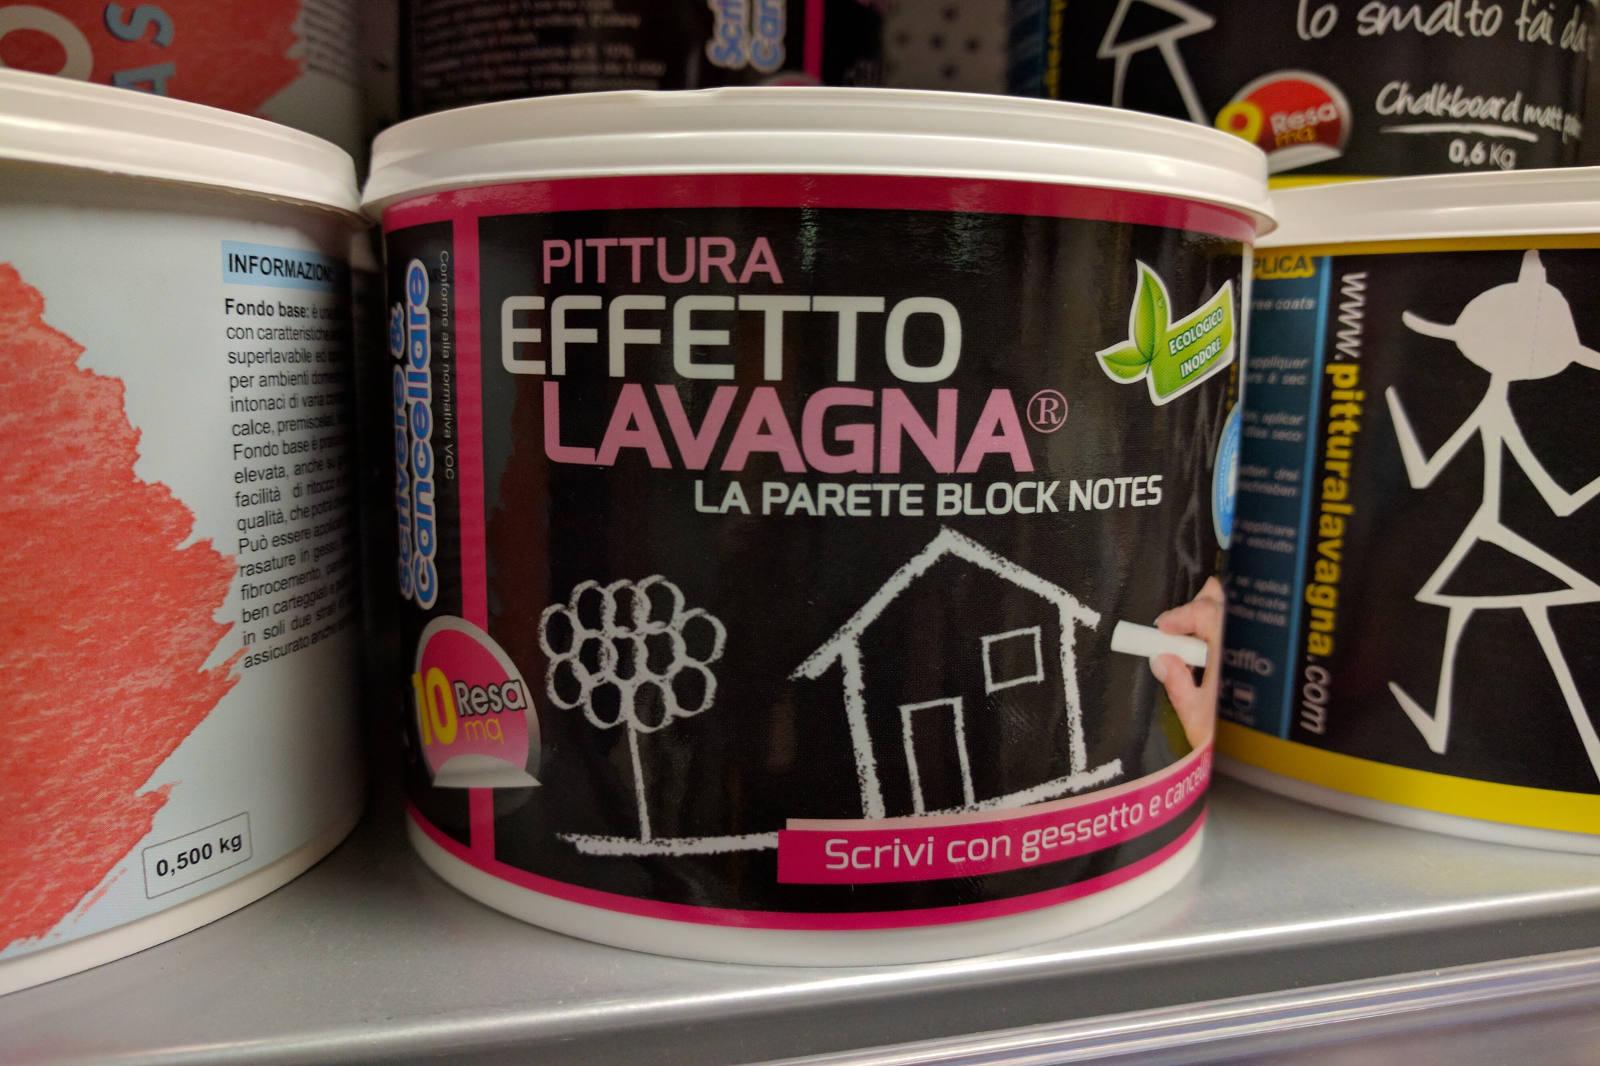 Vernice Lavagna Magnetica Colorata pittura lavagna e pittura calamita | villa edilizia